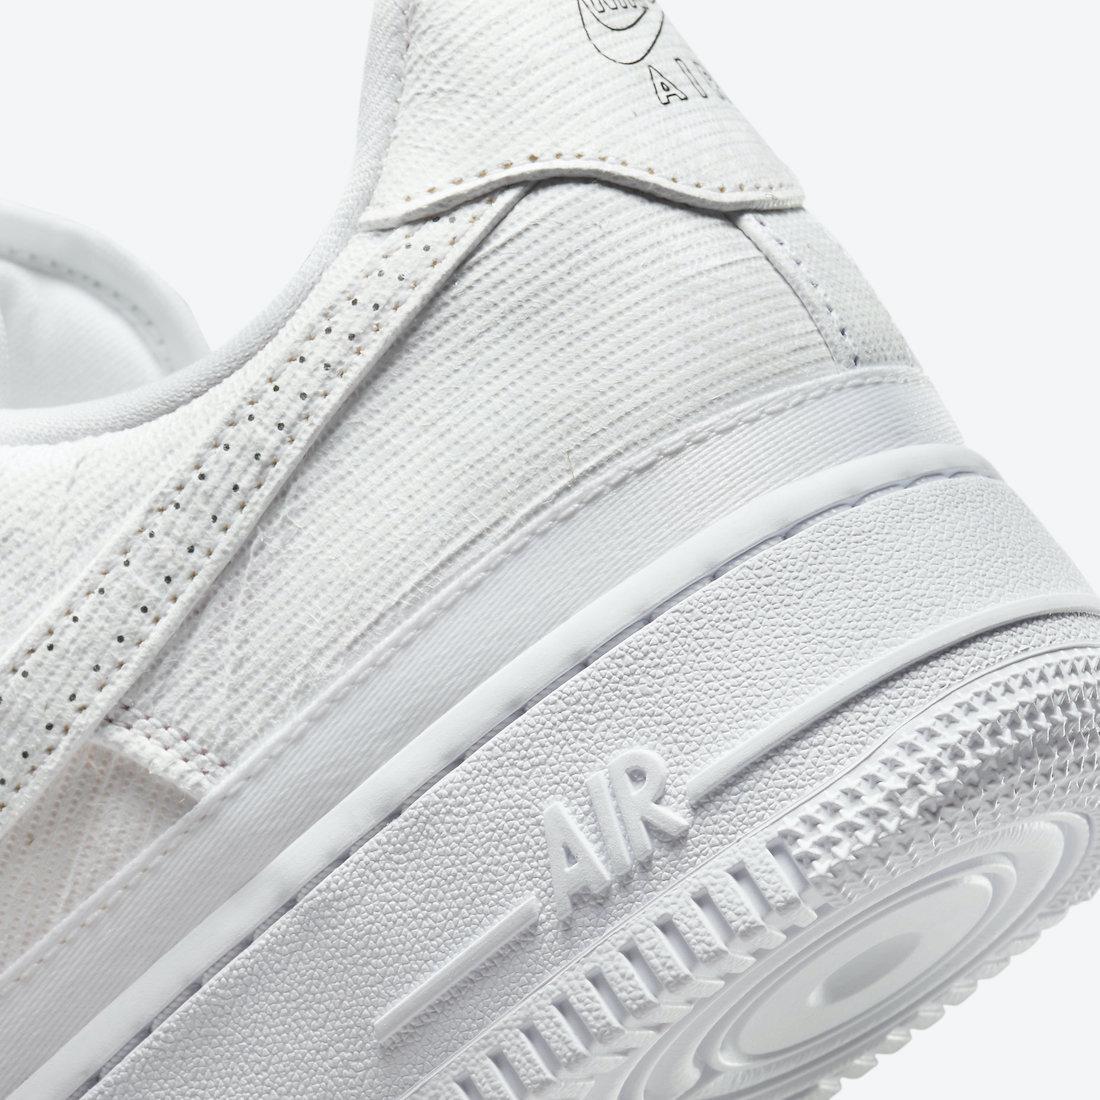 Nike Air Force 1 Low Reveal Tear-Away DJ6901-600 Release Date Info